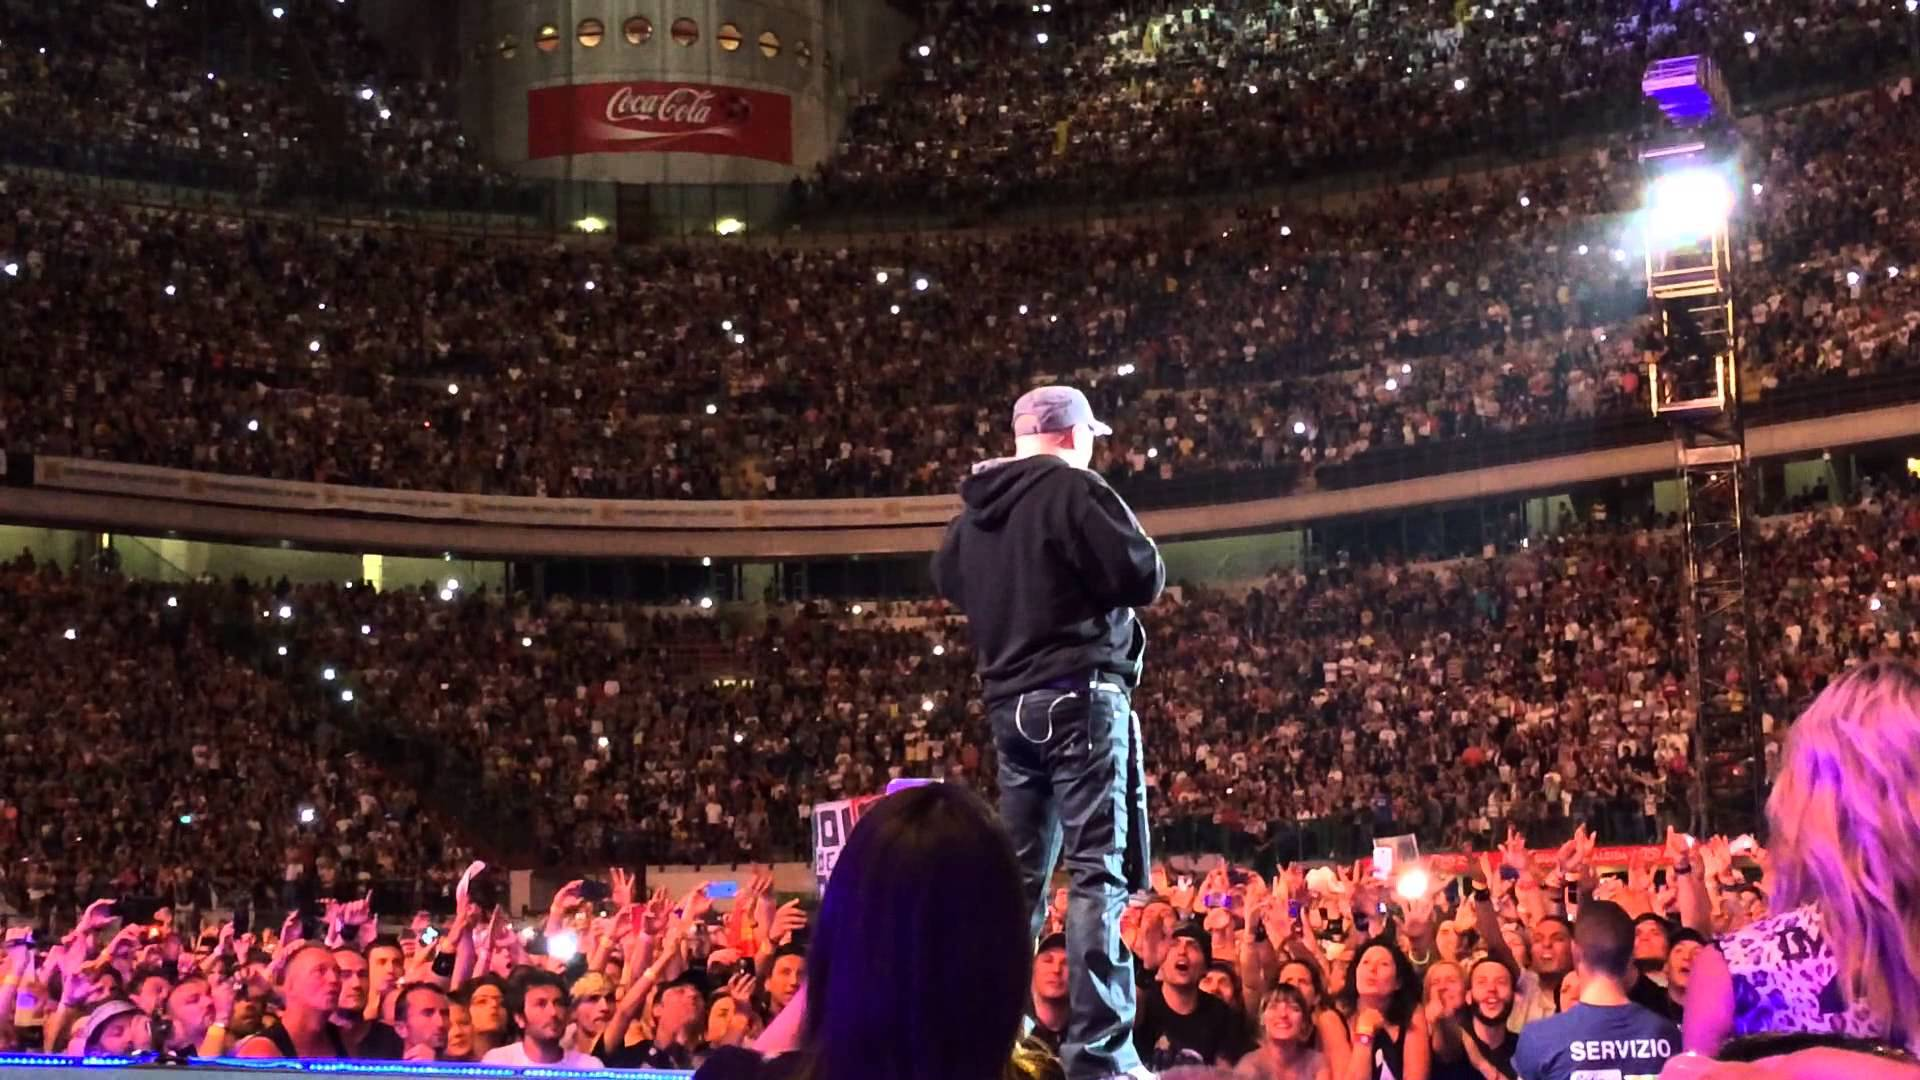 Dopo Manchester, paura per i grandi concerti in Italia